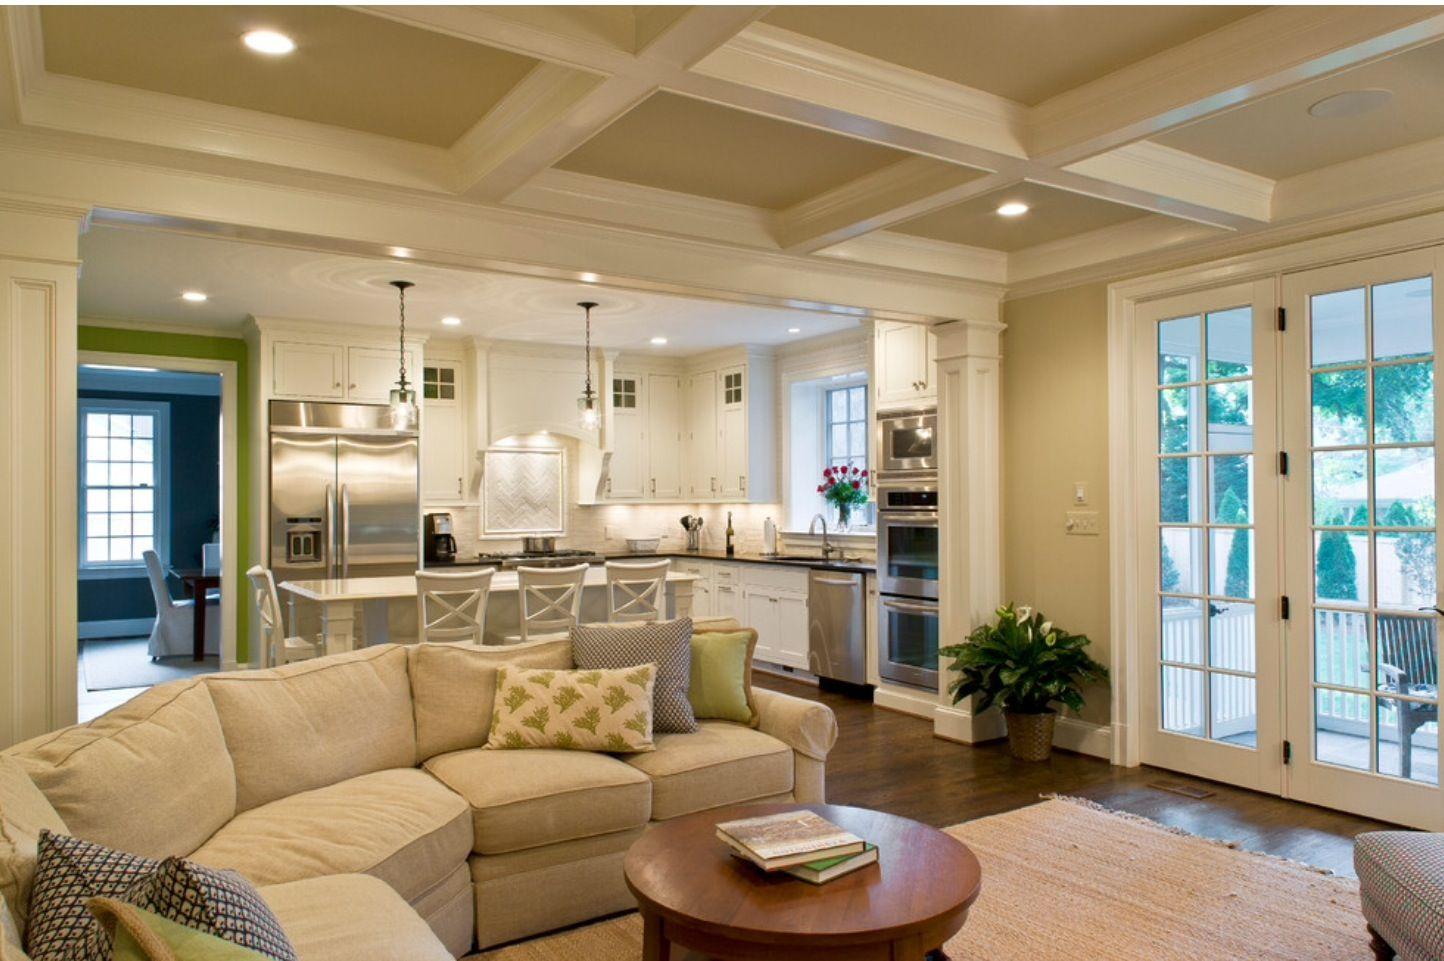 Kitchenandliving Room Designs Stunning Home Design